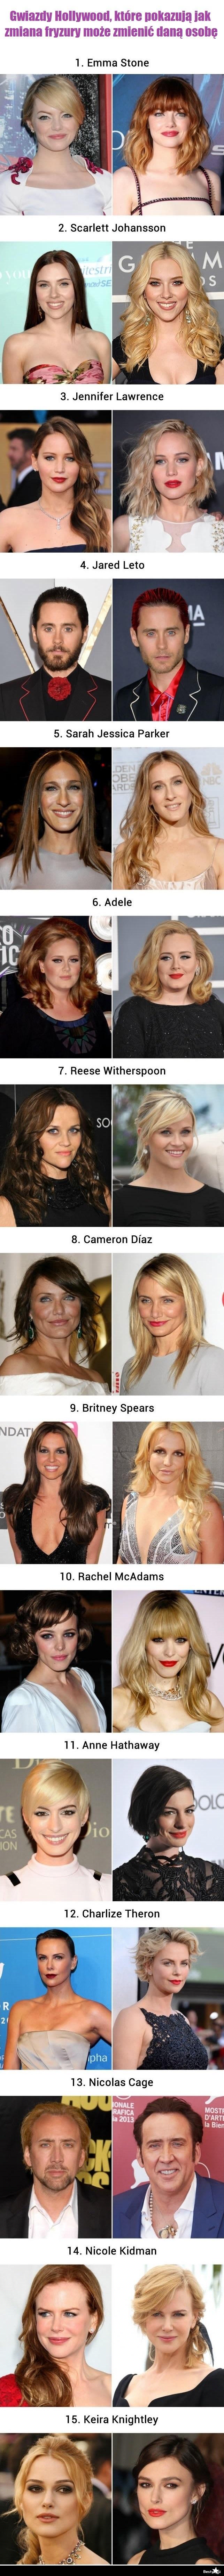 Bestypl Gwiazdy Hollywood Które Pokazują Jak Zmiana